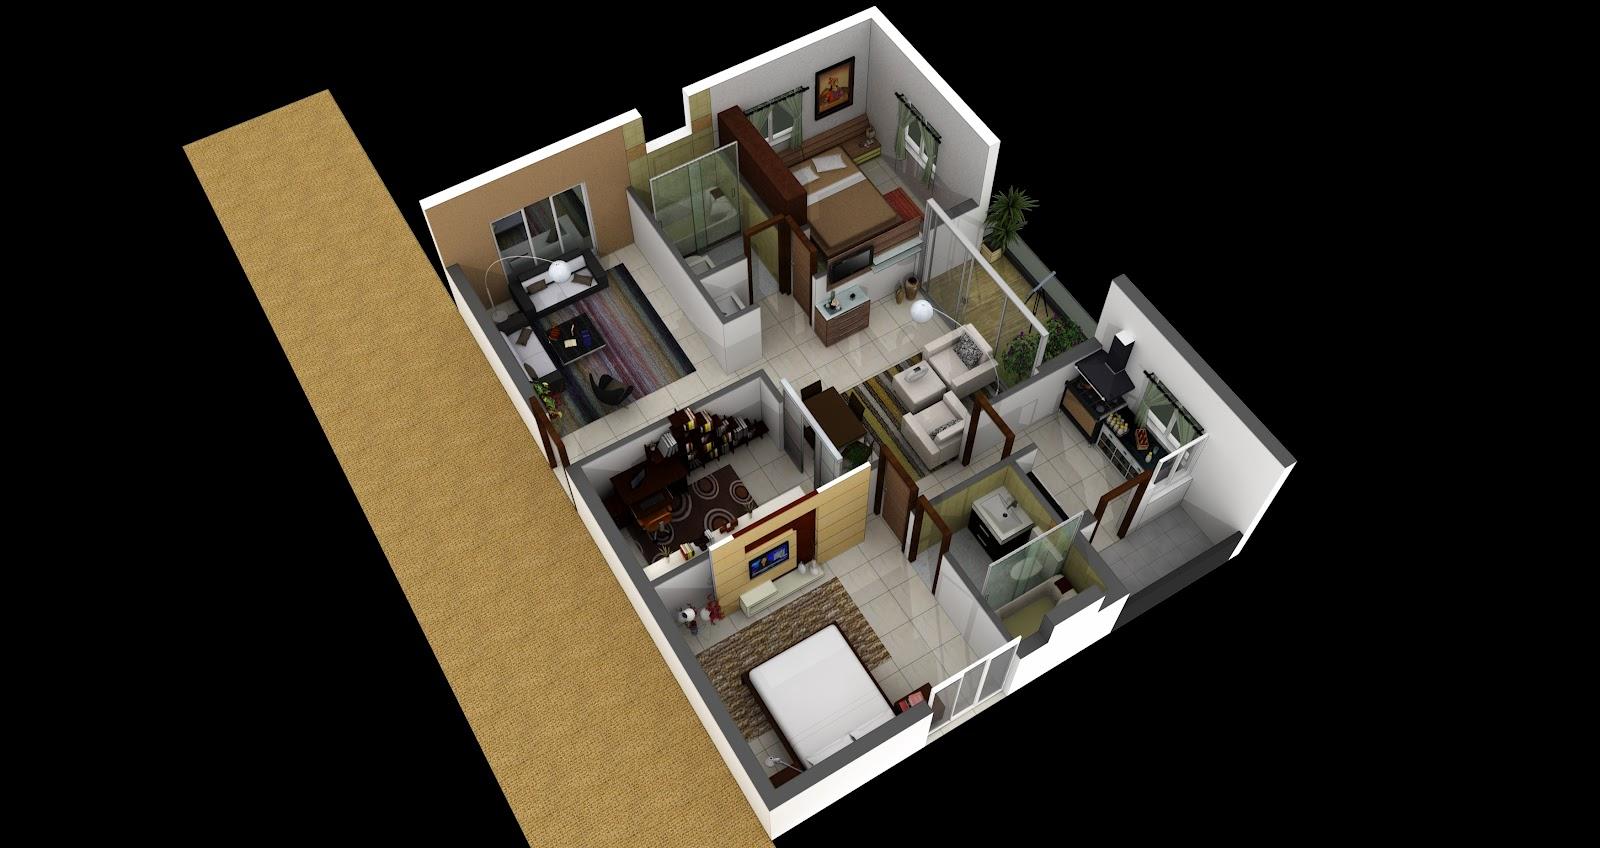 Omkara: 3D Floor Plan Rendering